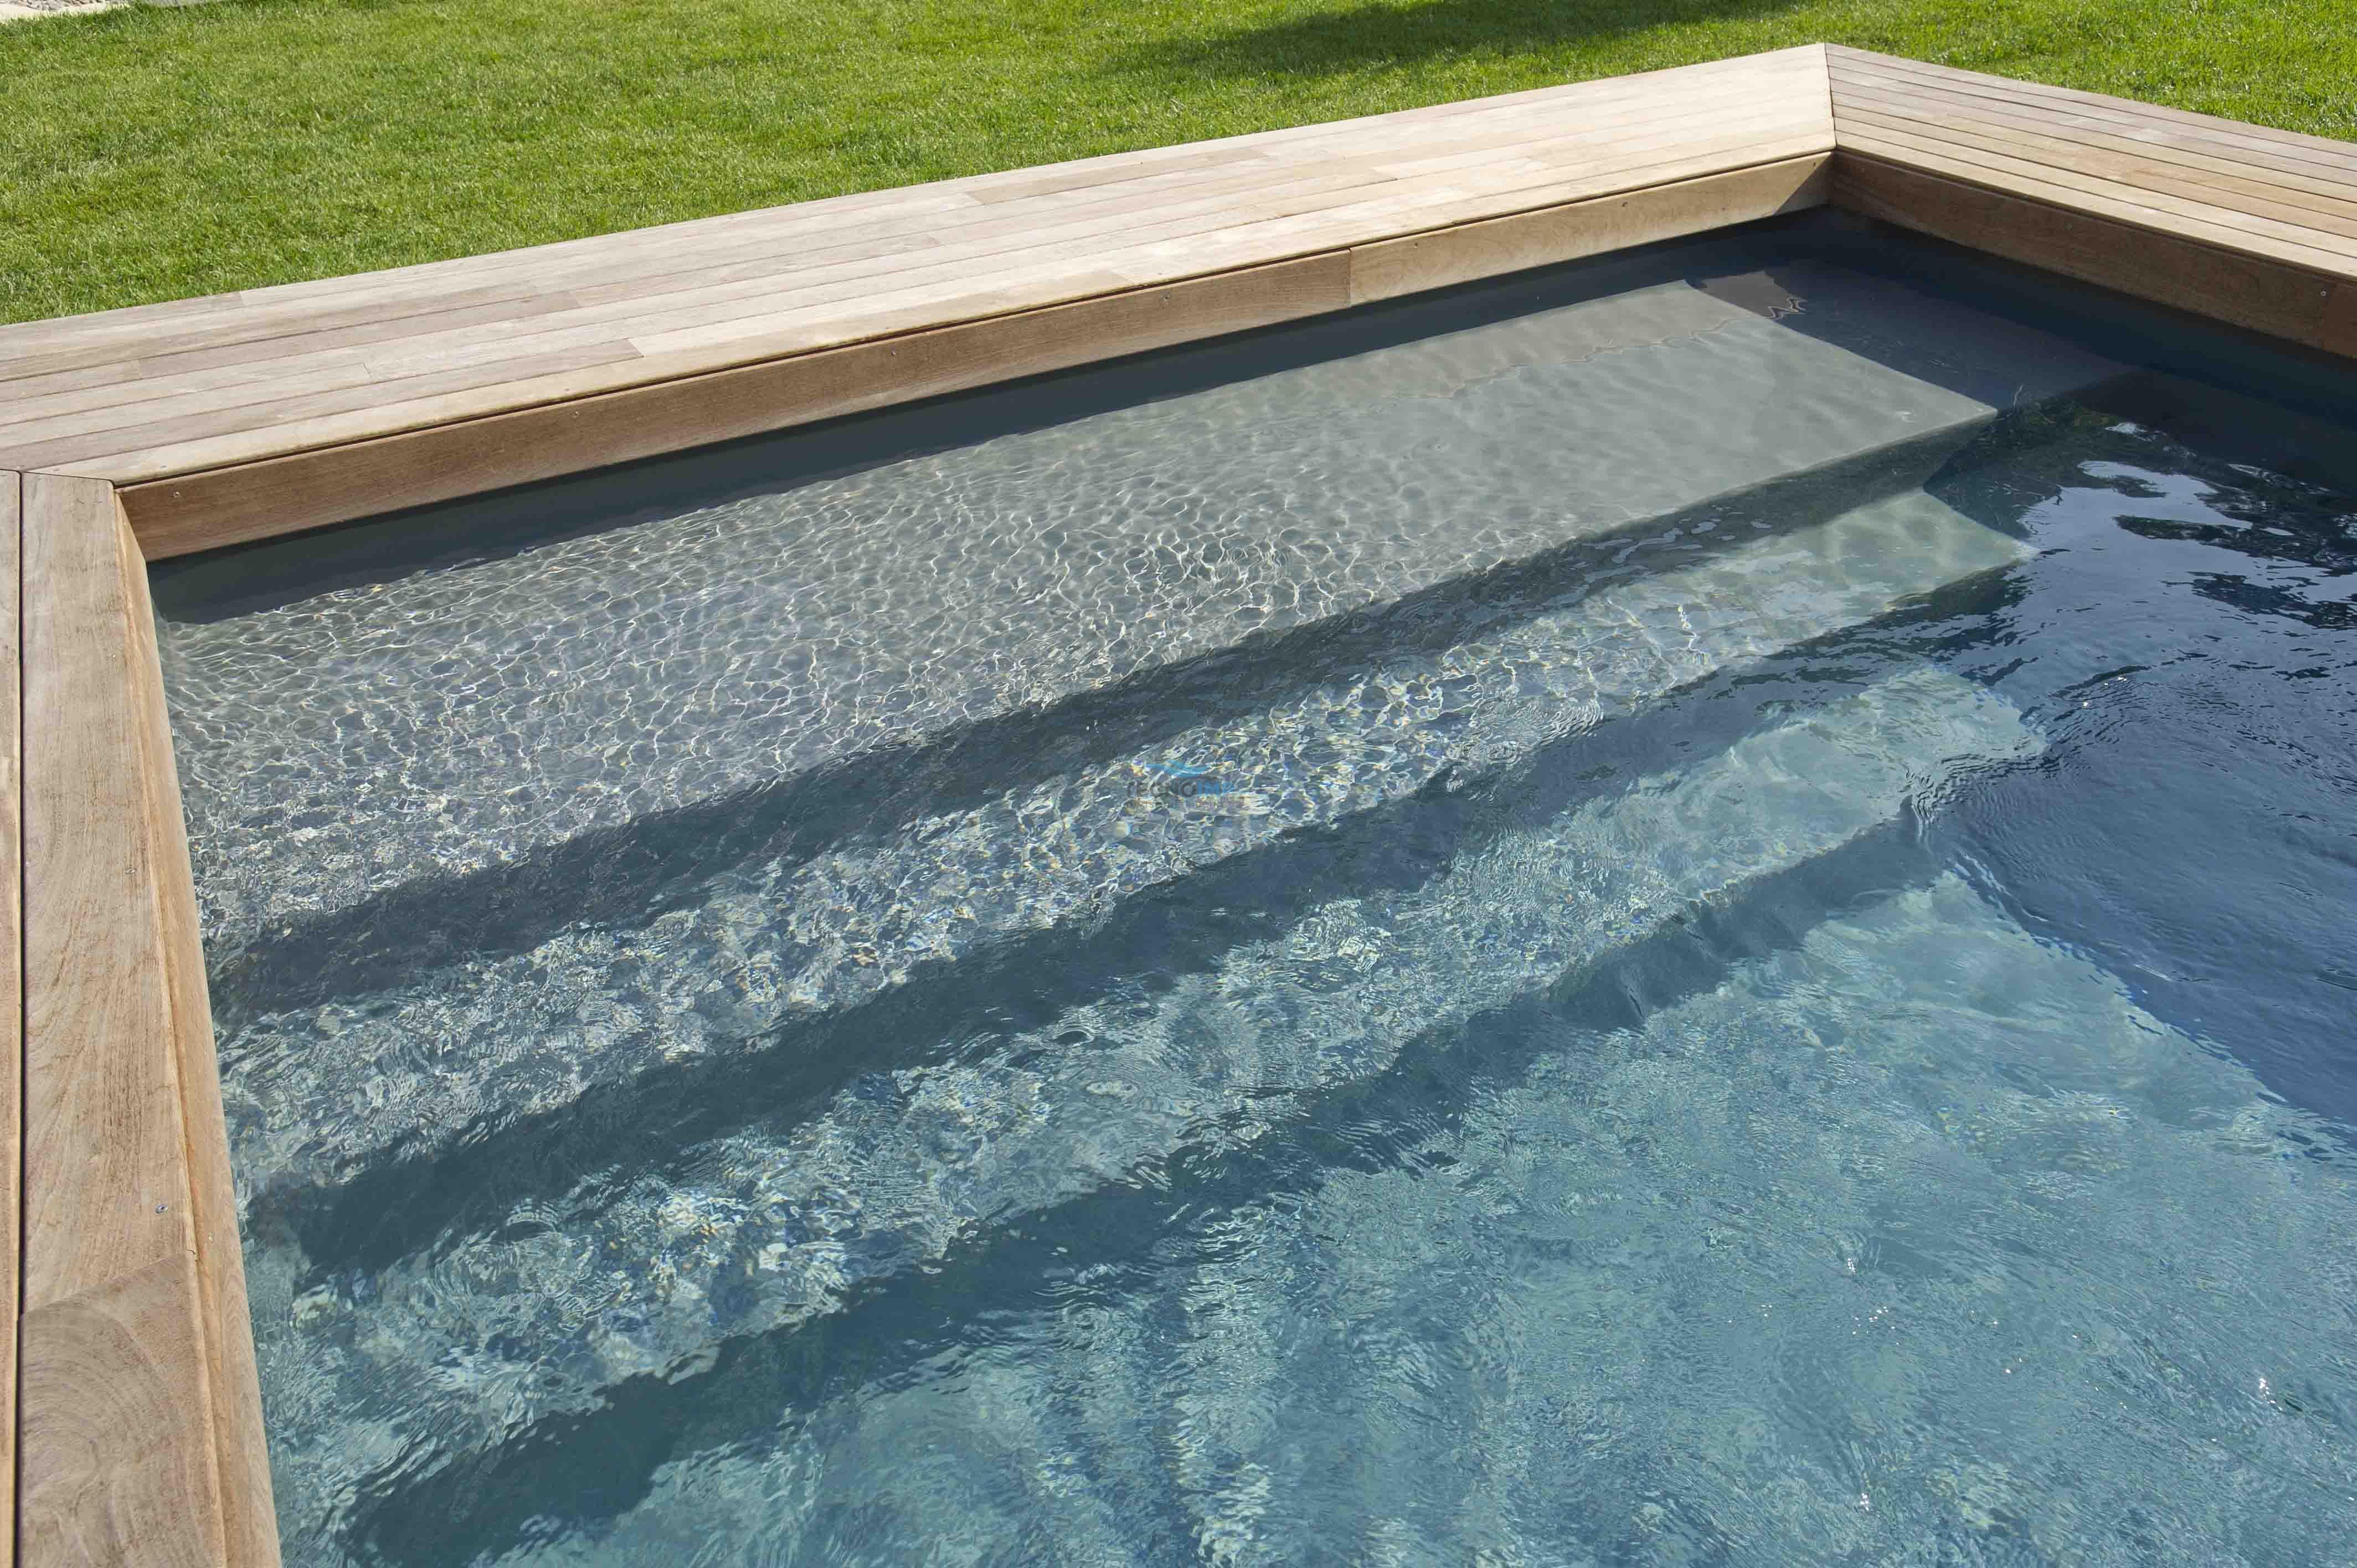 Realizzazione piscine in controterra Tecnoimp 07-RENOLIT-ALKORPLAN2000-Dark-Grey